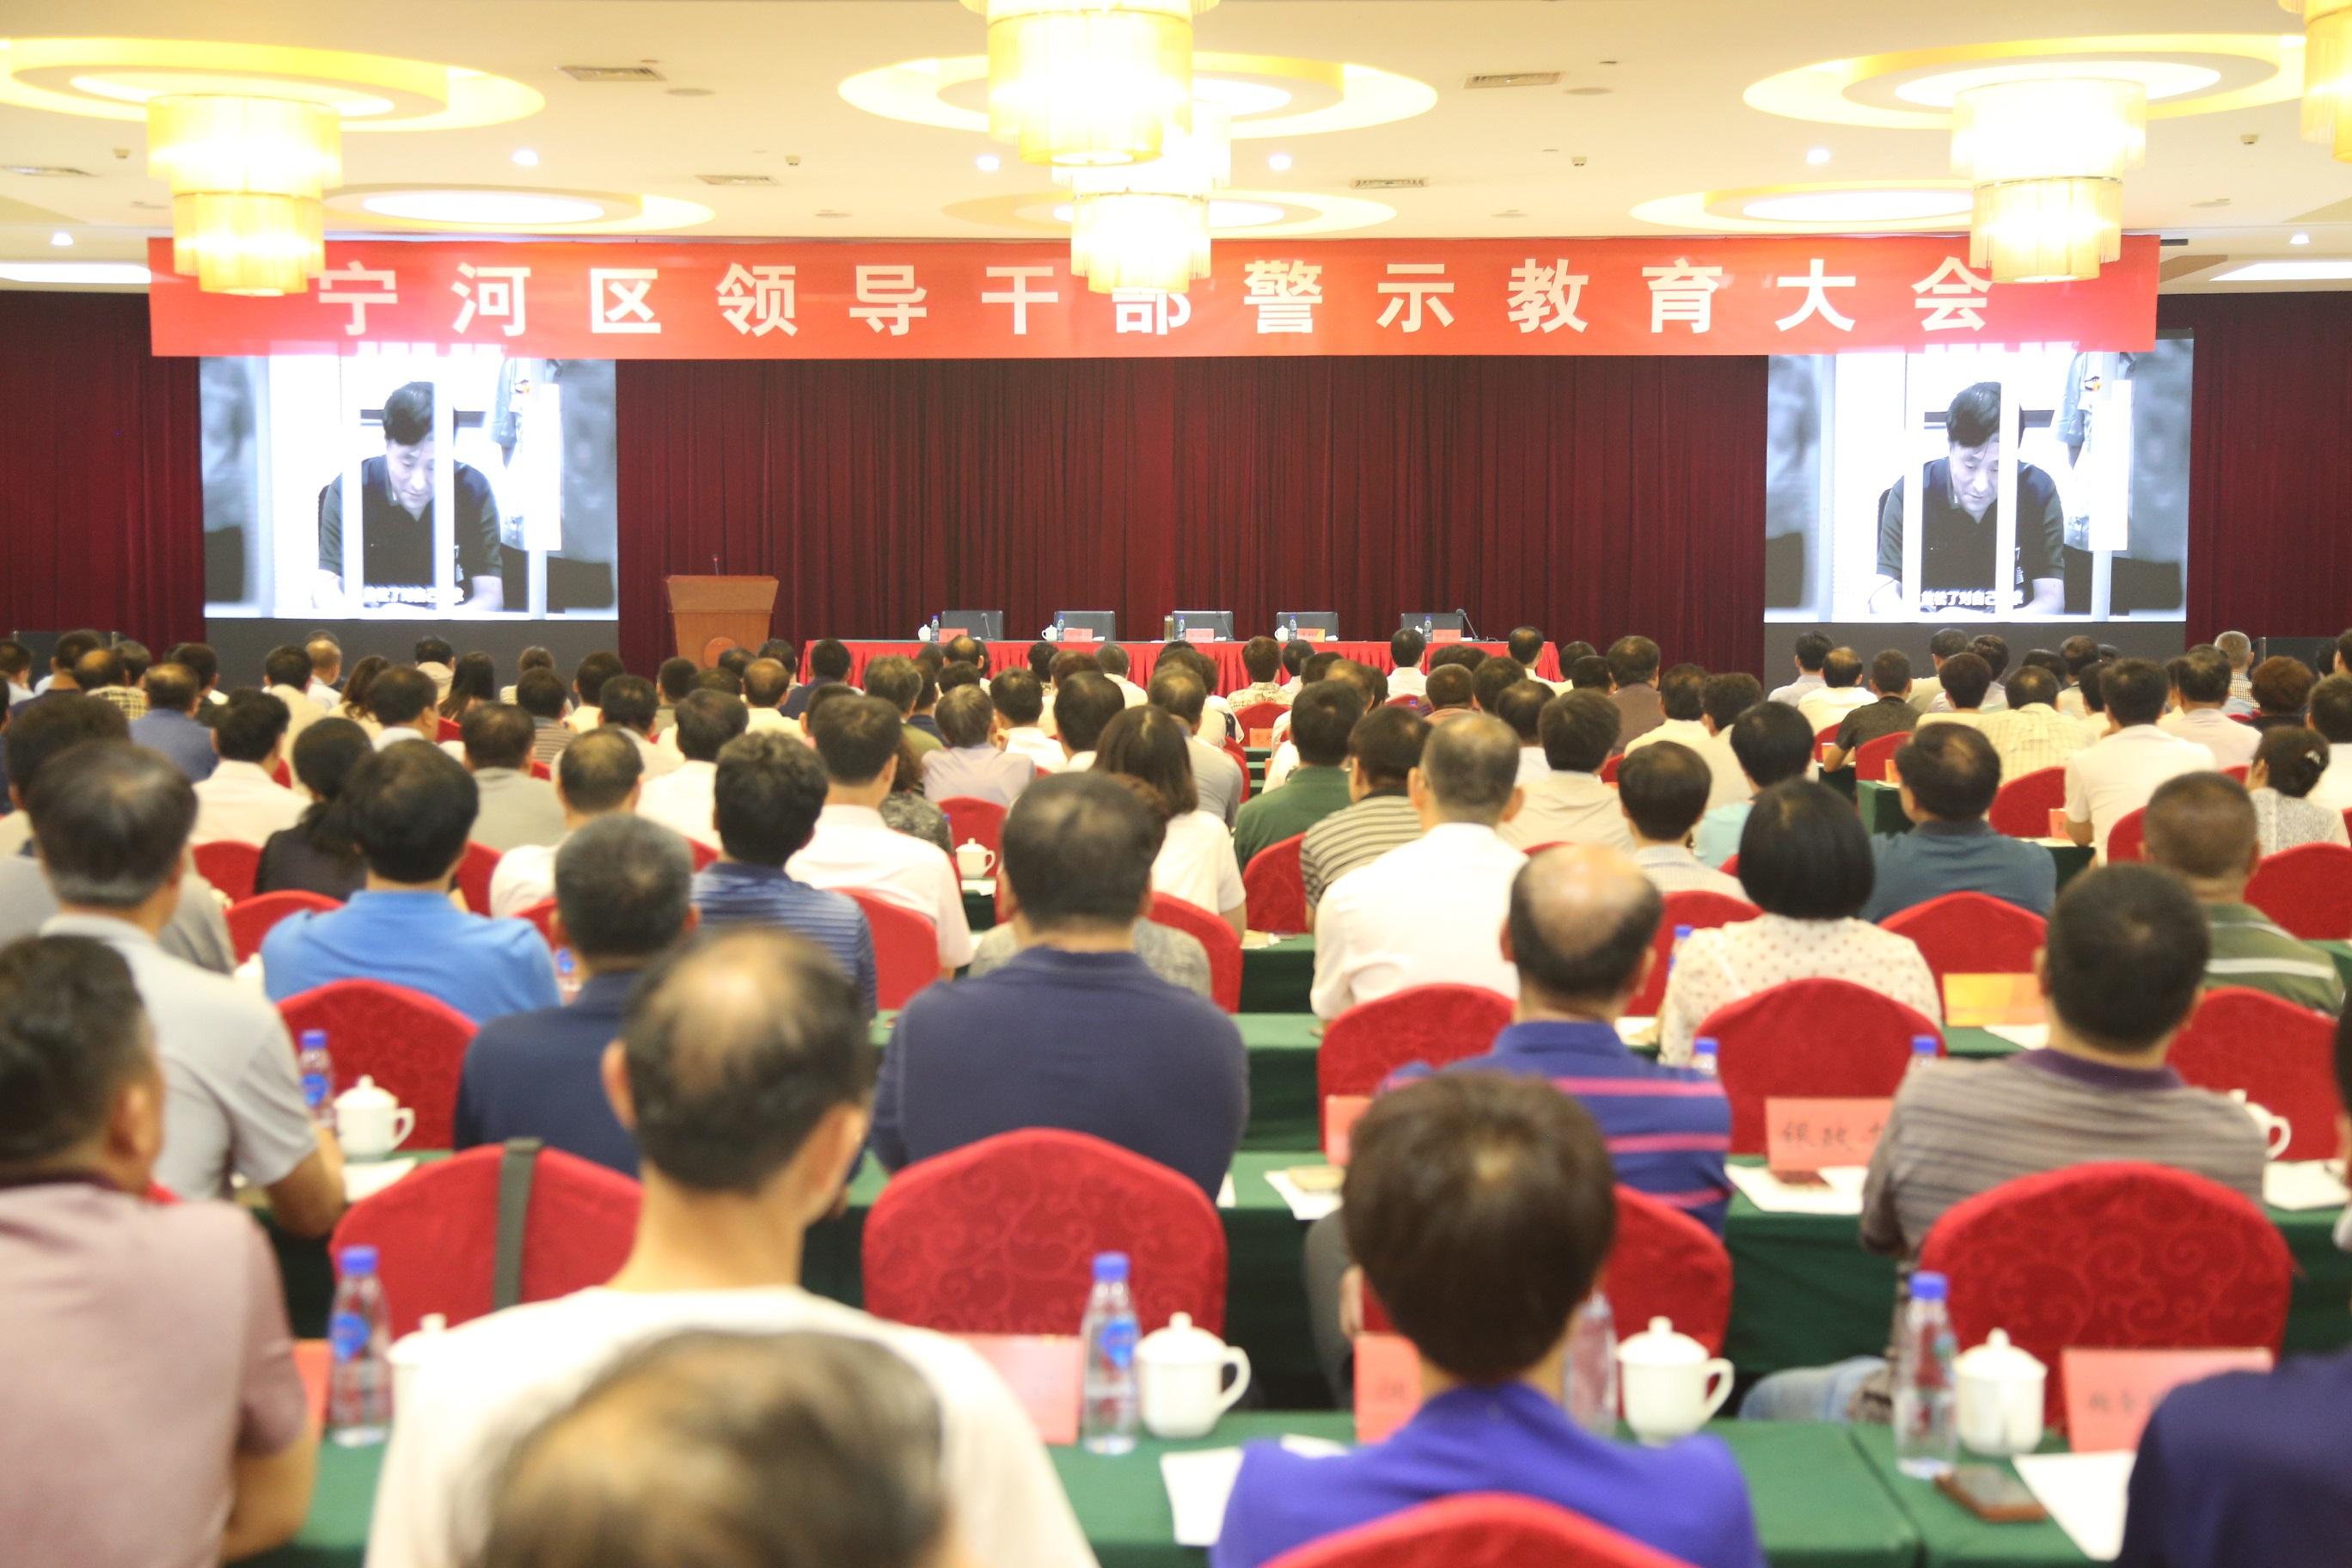 宁河:组织召开领导干部警示教育大会 用身边事教育身边人 持续净化政治生态